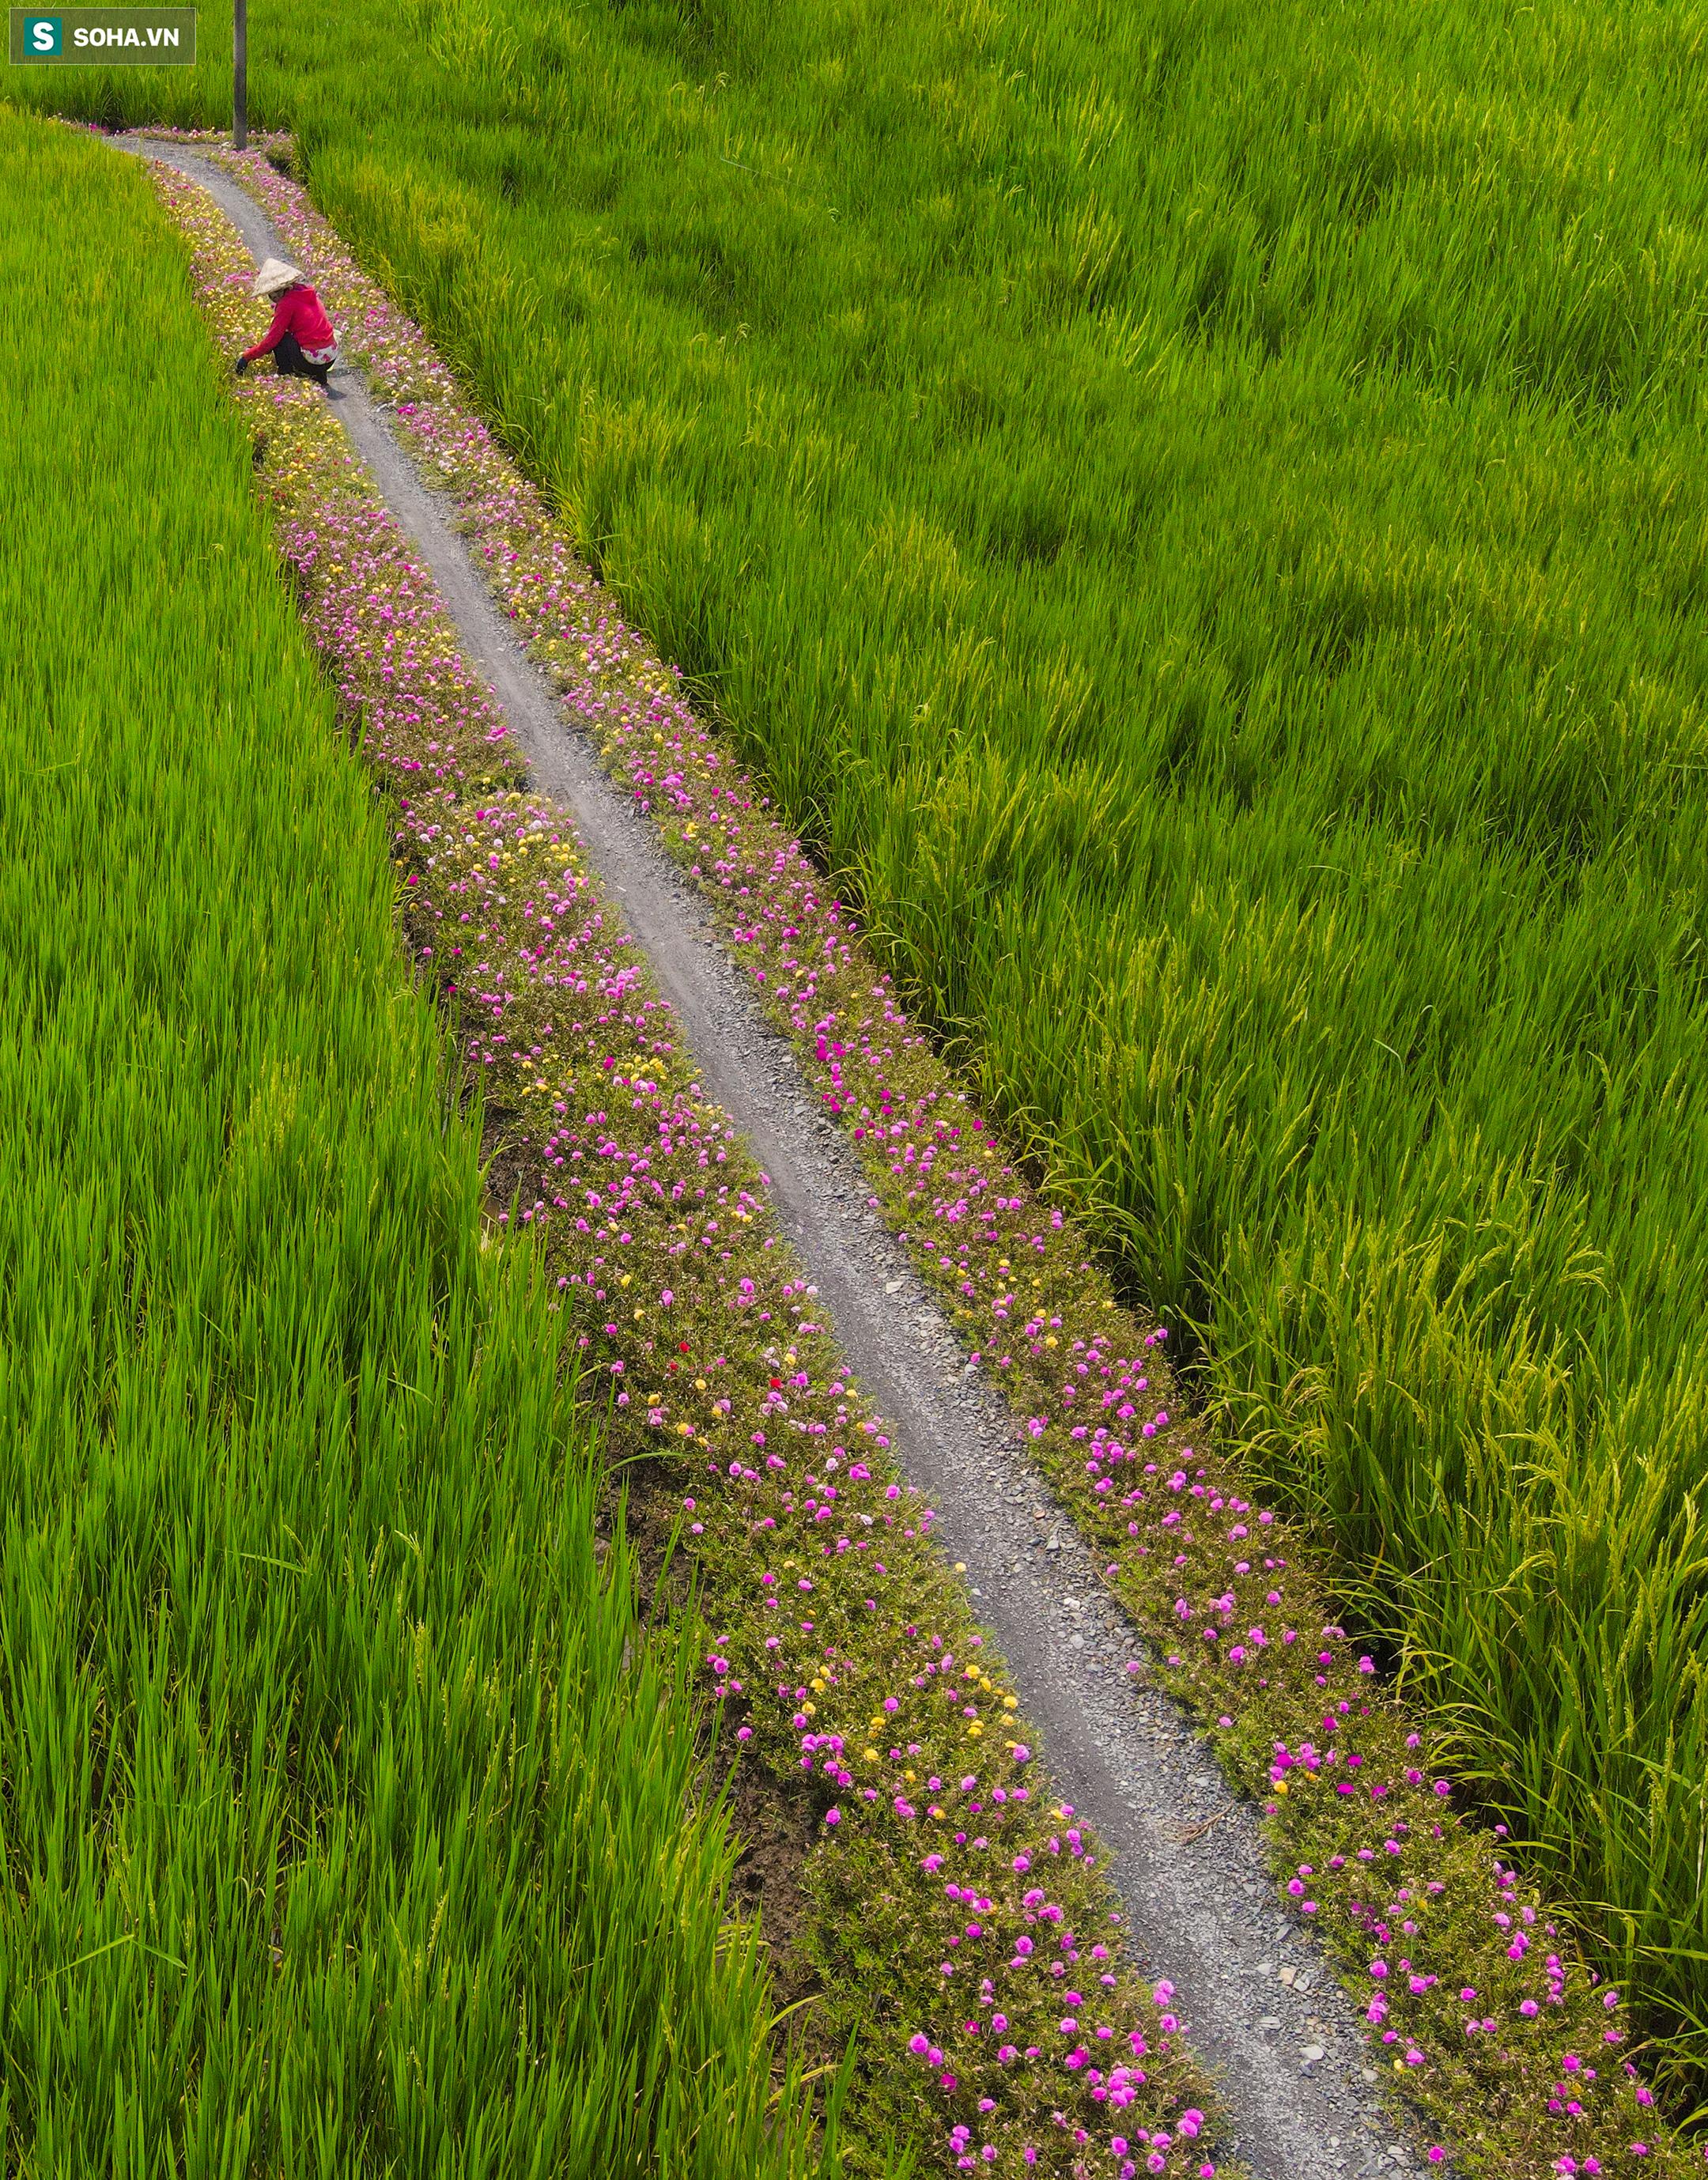 [Ảnh] Con đường hoa mười giờ len lỏi giữa đồng lúa xanh đẹp như tranh ở Sài Gòn - Ảnh 5.